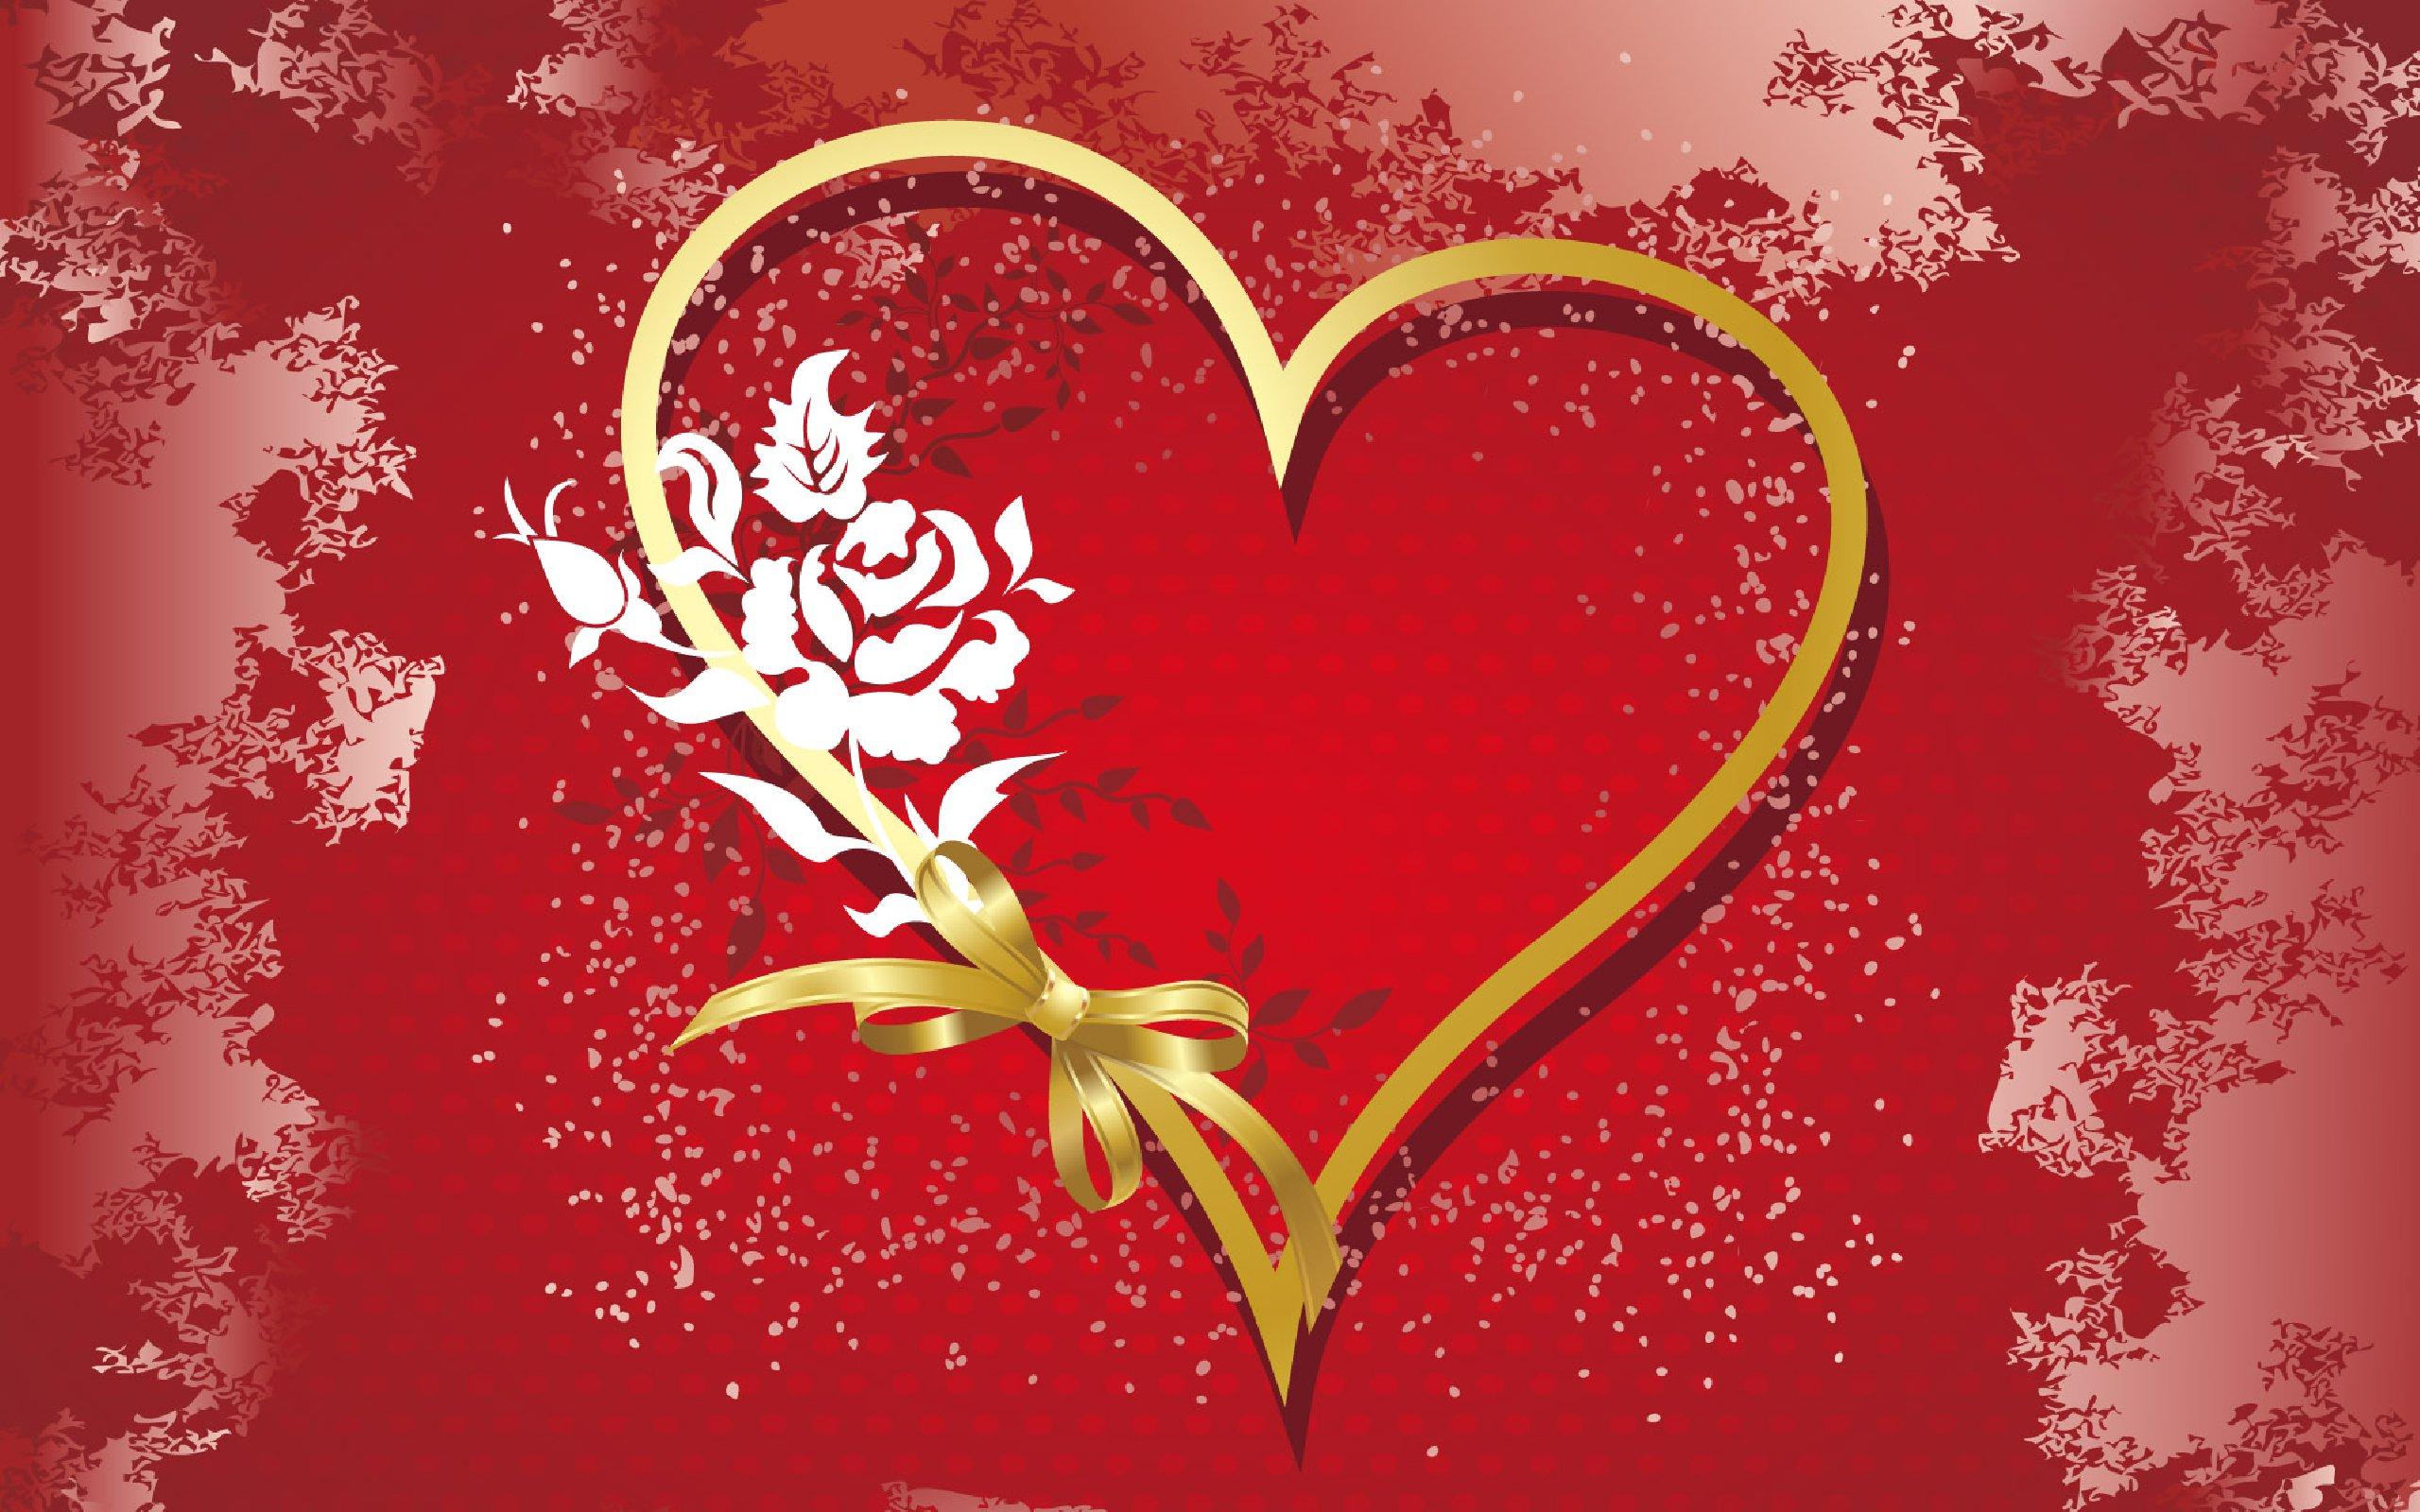 Истинная любовь подобна привидению - все о ней говорят, но мало кто её